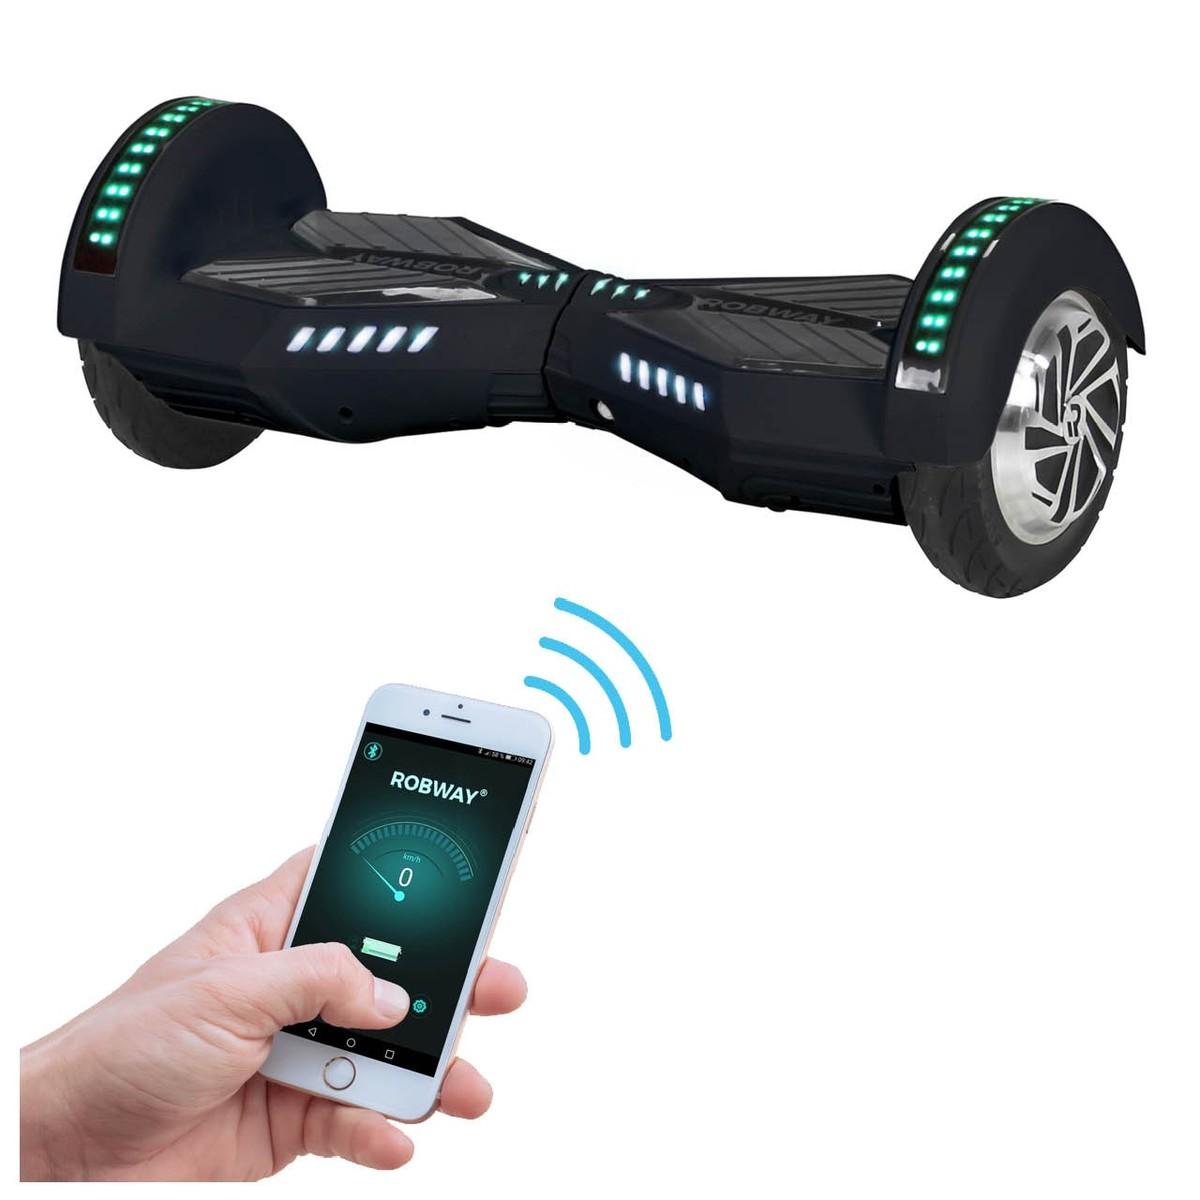 Bild 1 von Hoverboard ROBWAY W2 E-Balance Scooter Elektro Roller Smart Self Balance App (Schwarz Matt)